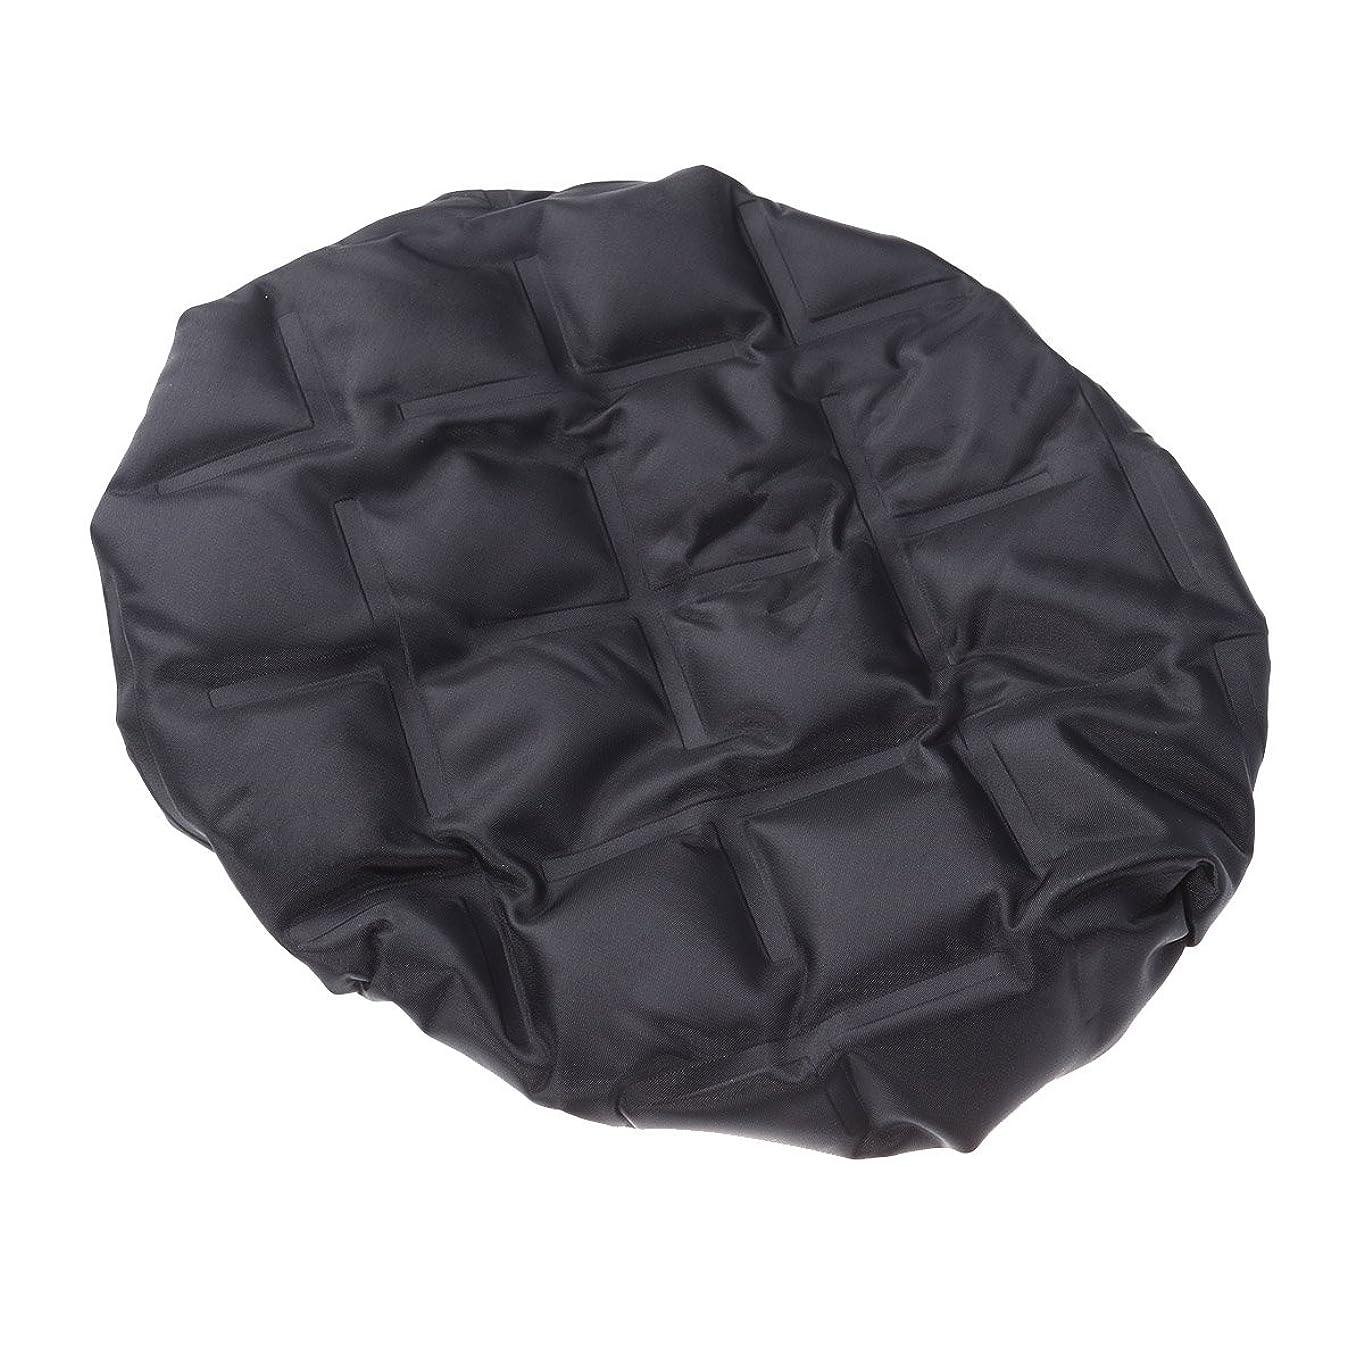 コジオスコ登場改修するBeaupretty 熱いヘアスタイリングキャップ熱治療サーマルスパヘアスチーマージェルキャップのためのディープコンディショニングヘアサーマルヒートキャップ